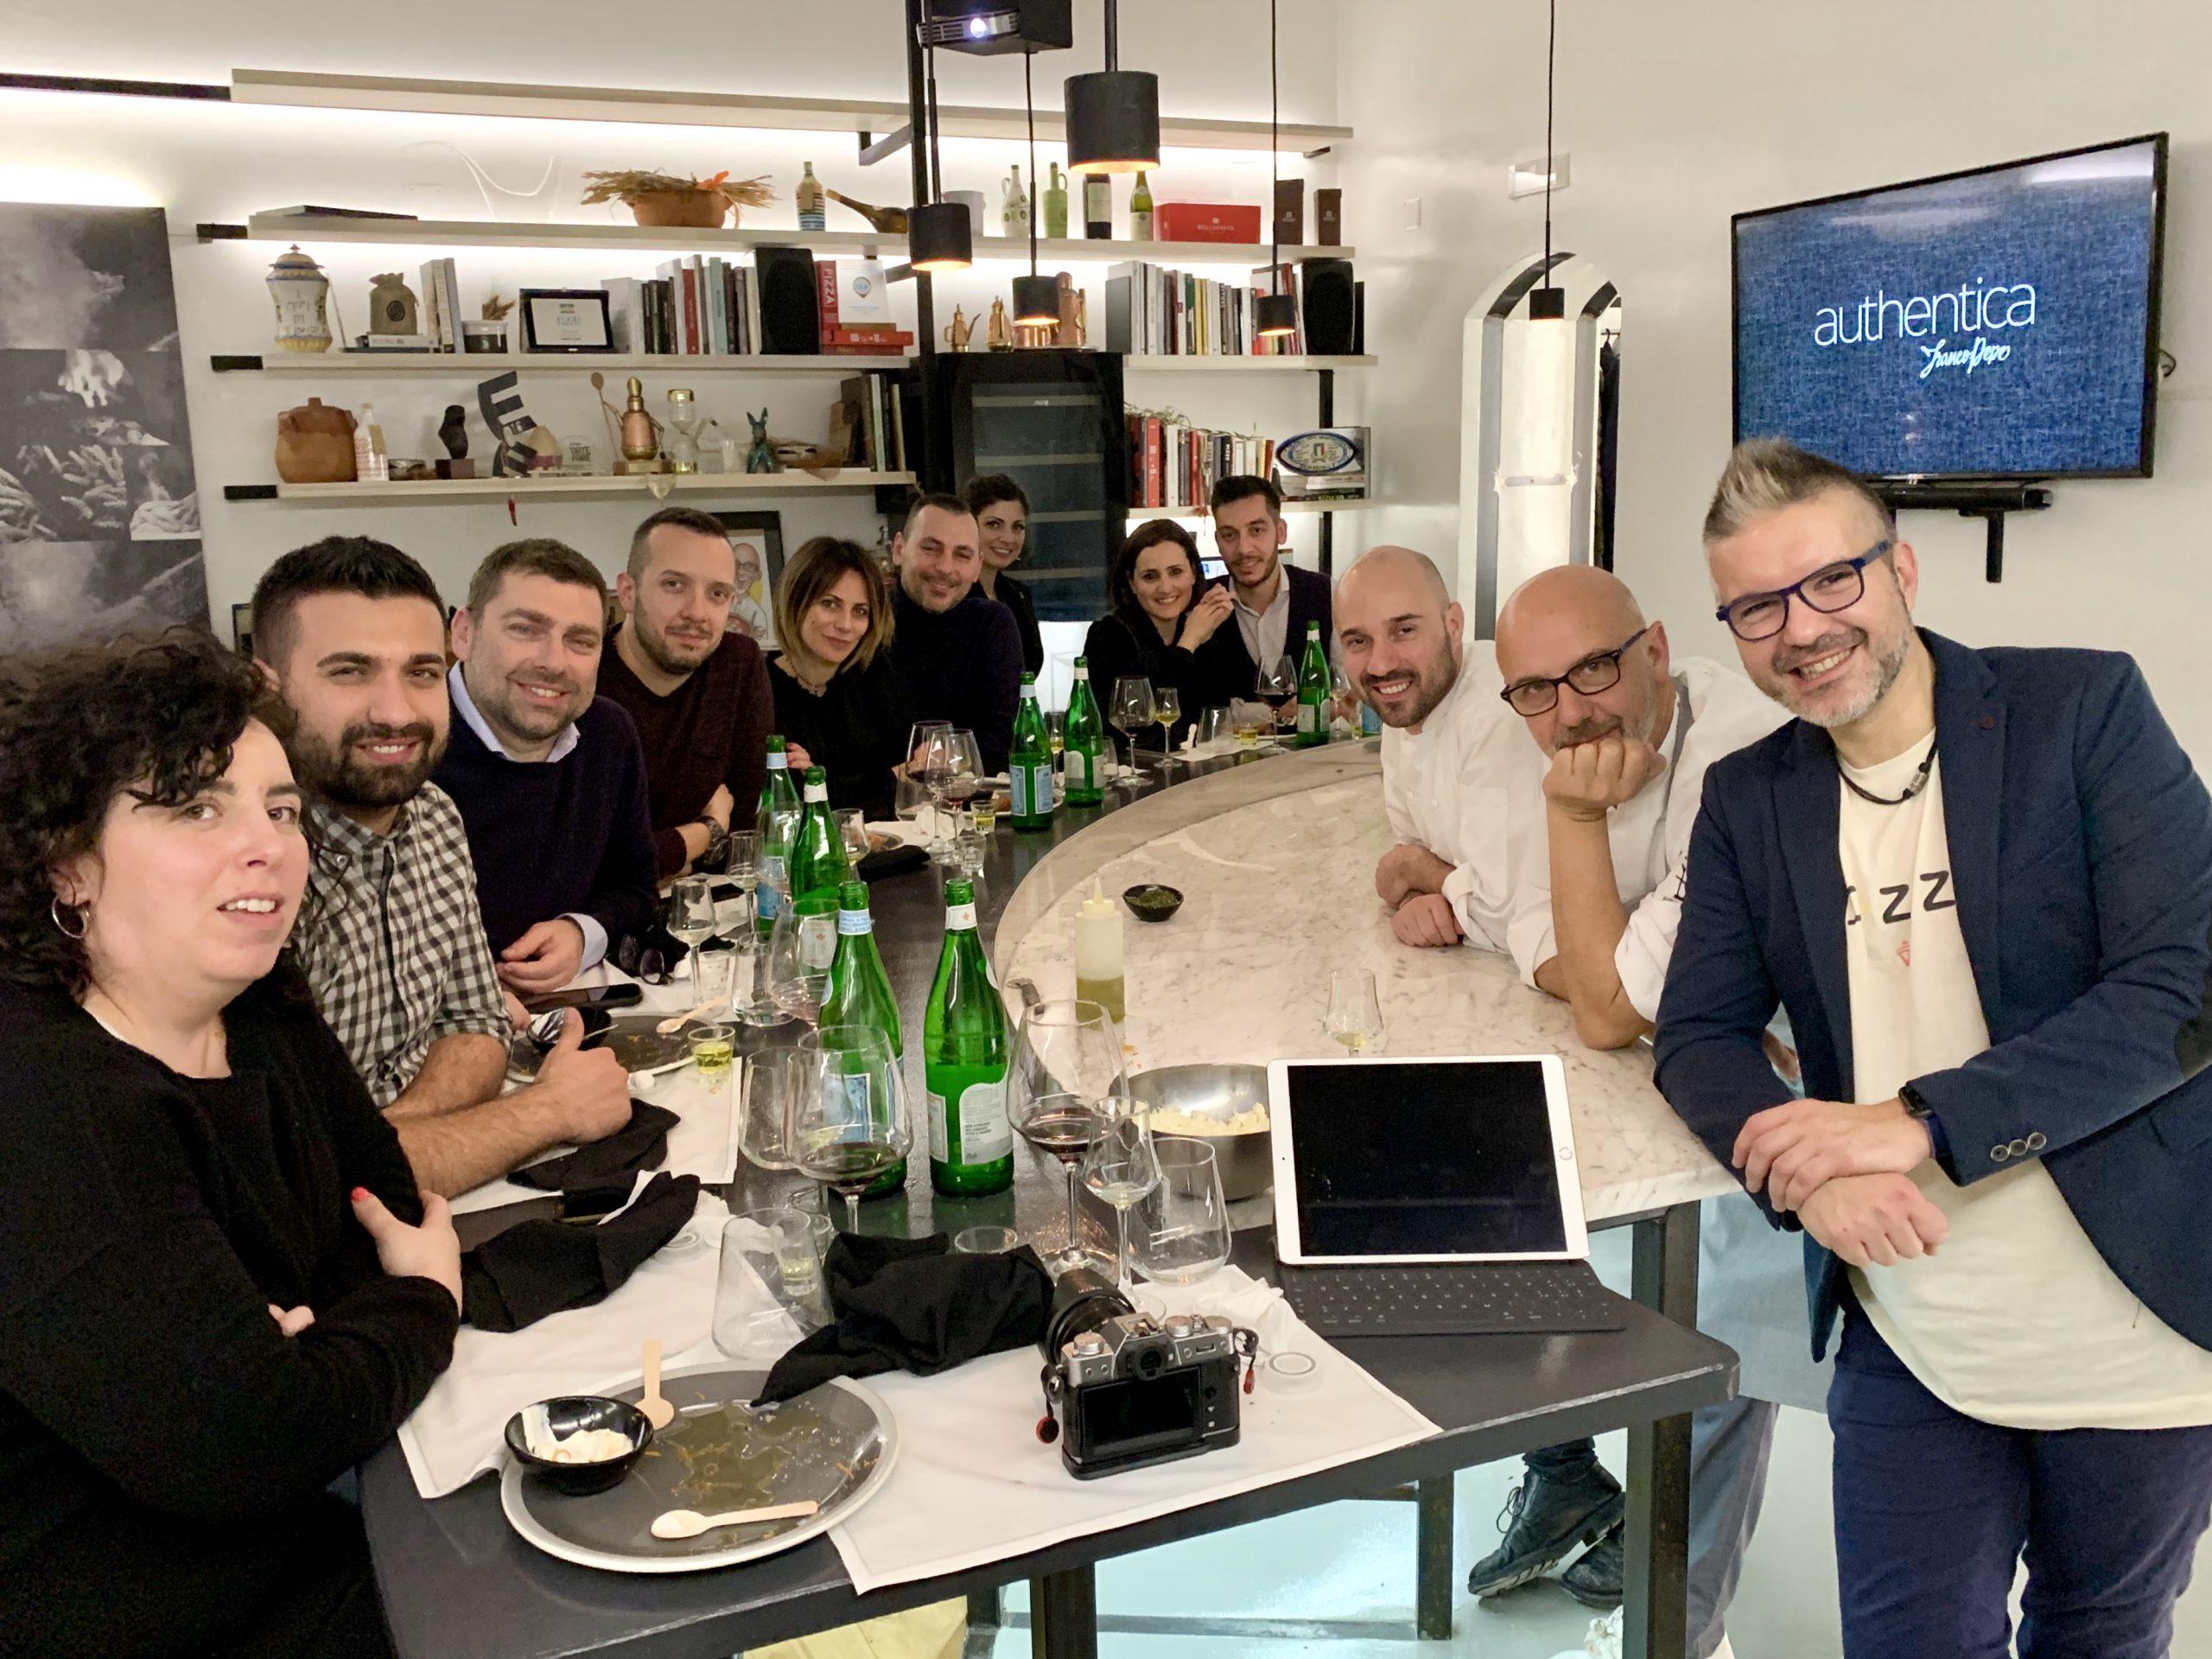 Authentica Stellata con Franco Pepe, Luciano Villlani, Antonio Fucito